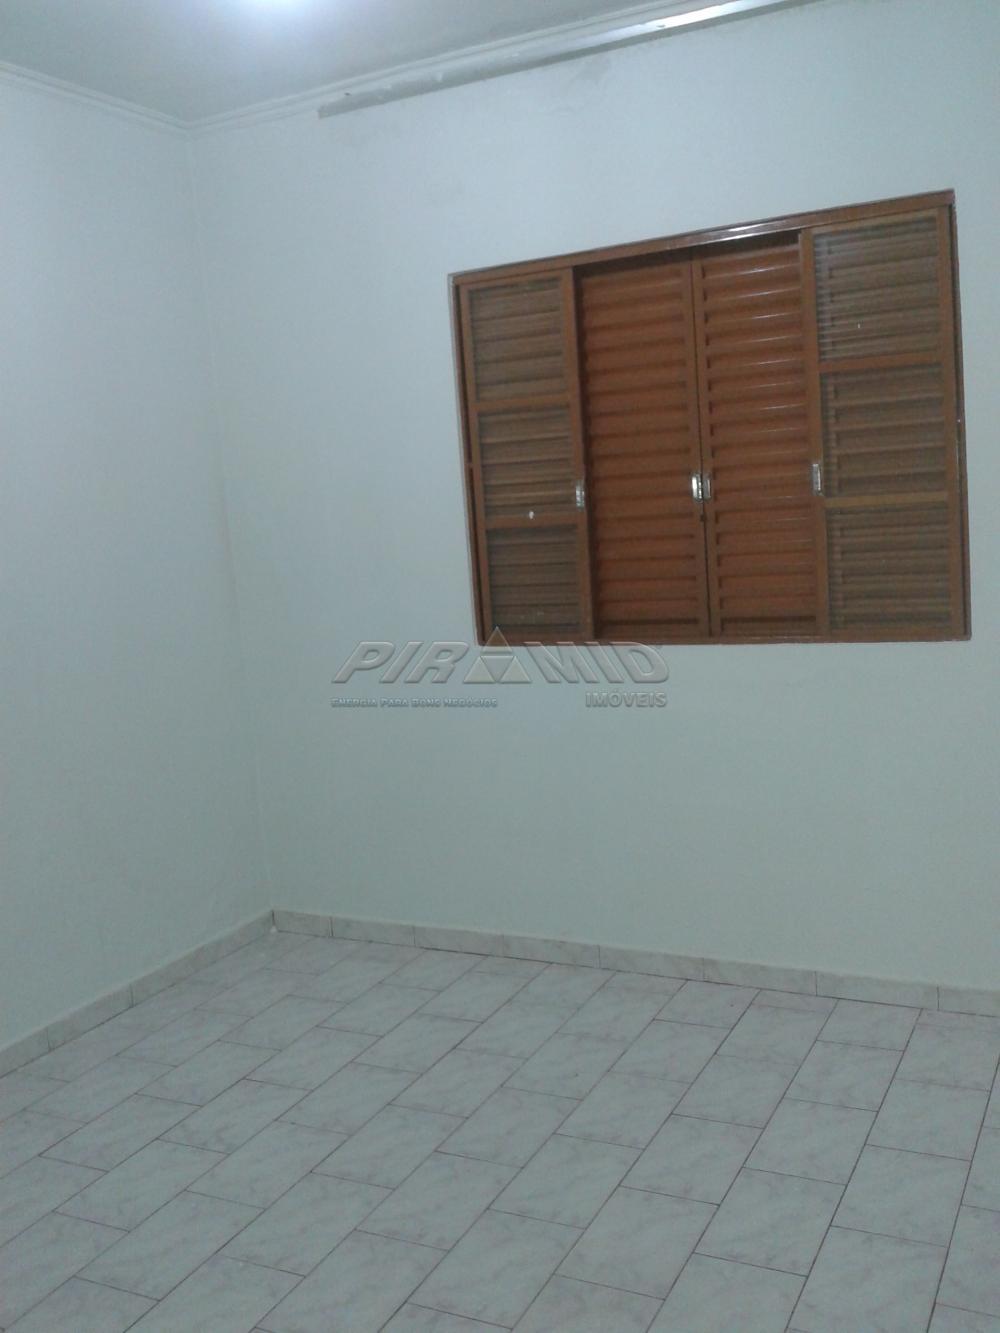 Alugar Casa / Padrão em Ribeirão Preto apenas R$ 950,00 - Foto 6